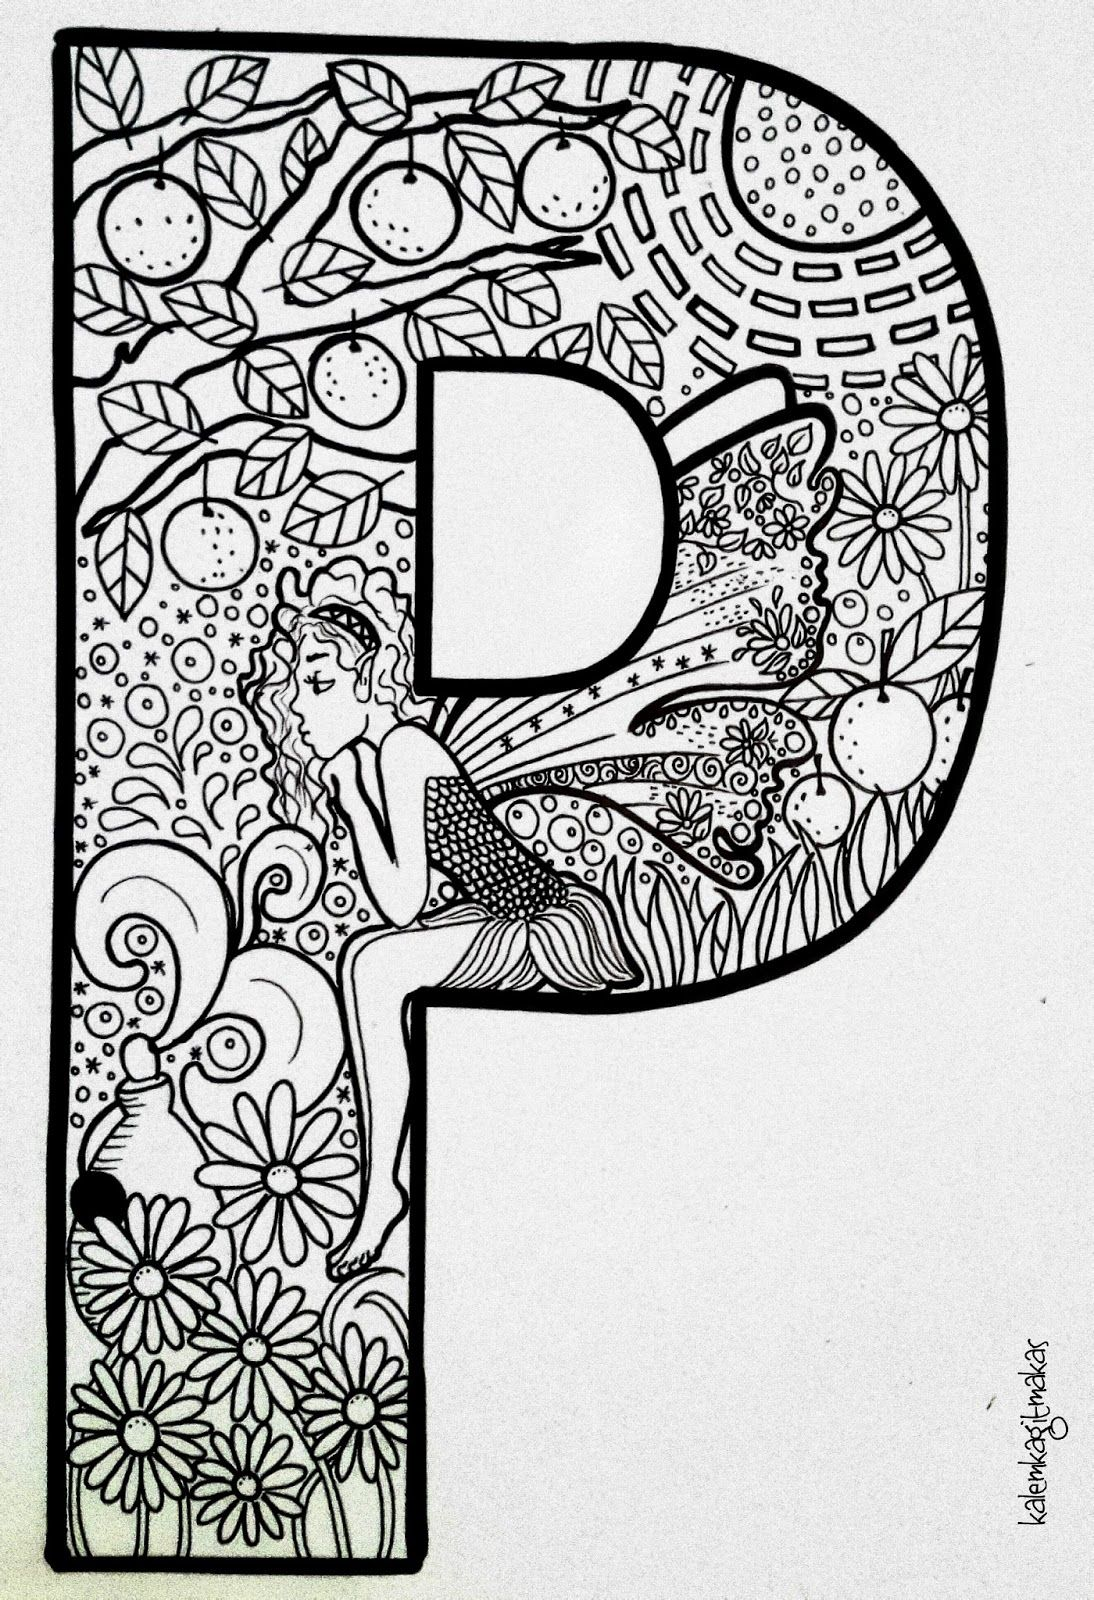 Boyama Sayfası 1sınıf Okuma Yazma Pinterest Coloring Pages